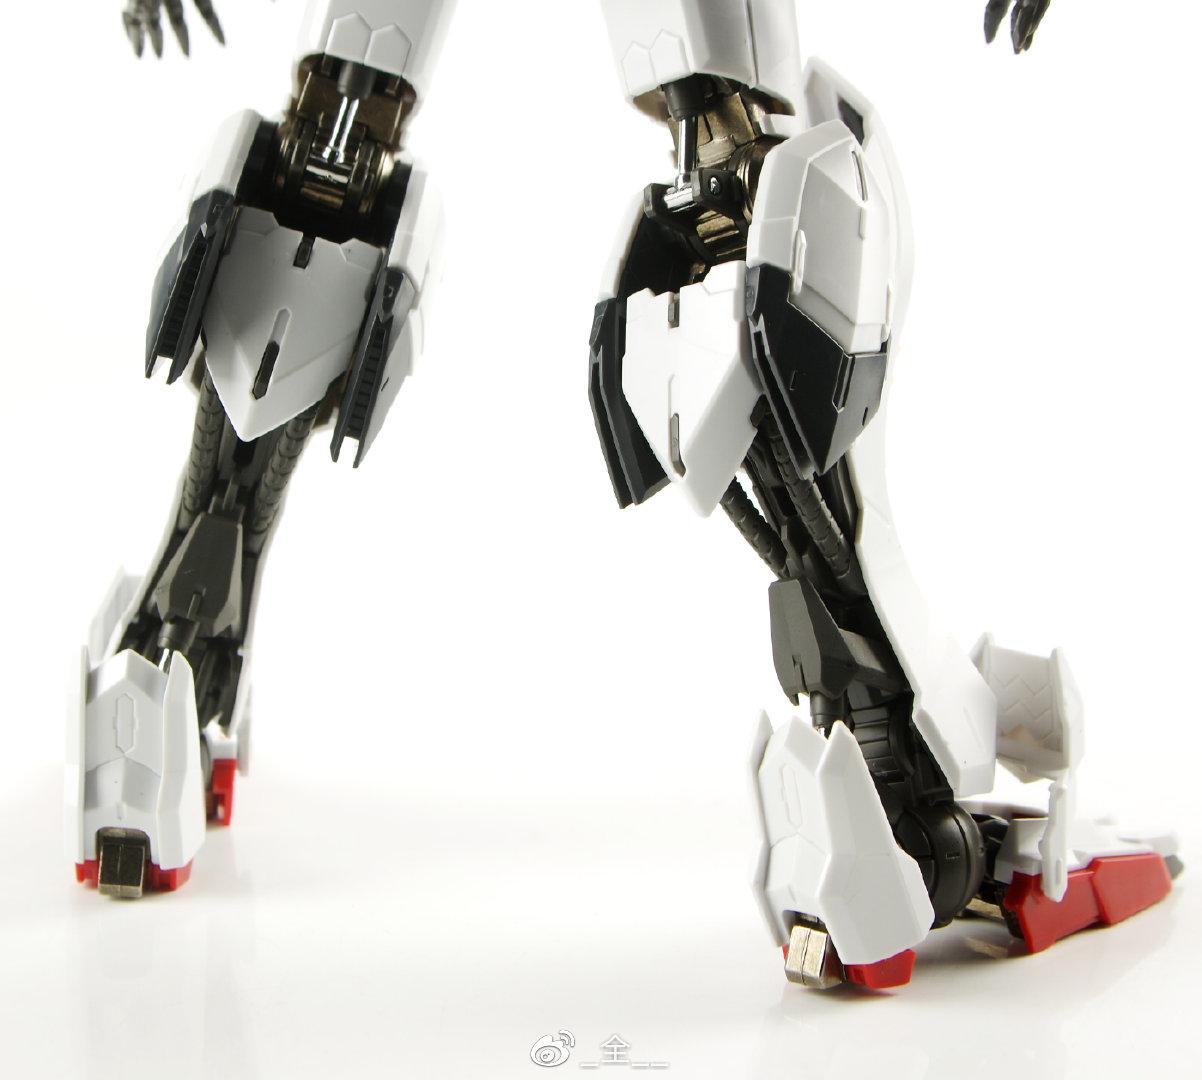 M103_mg_barbatos_metal_frame_parts_set_009_052.jpg